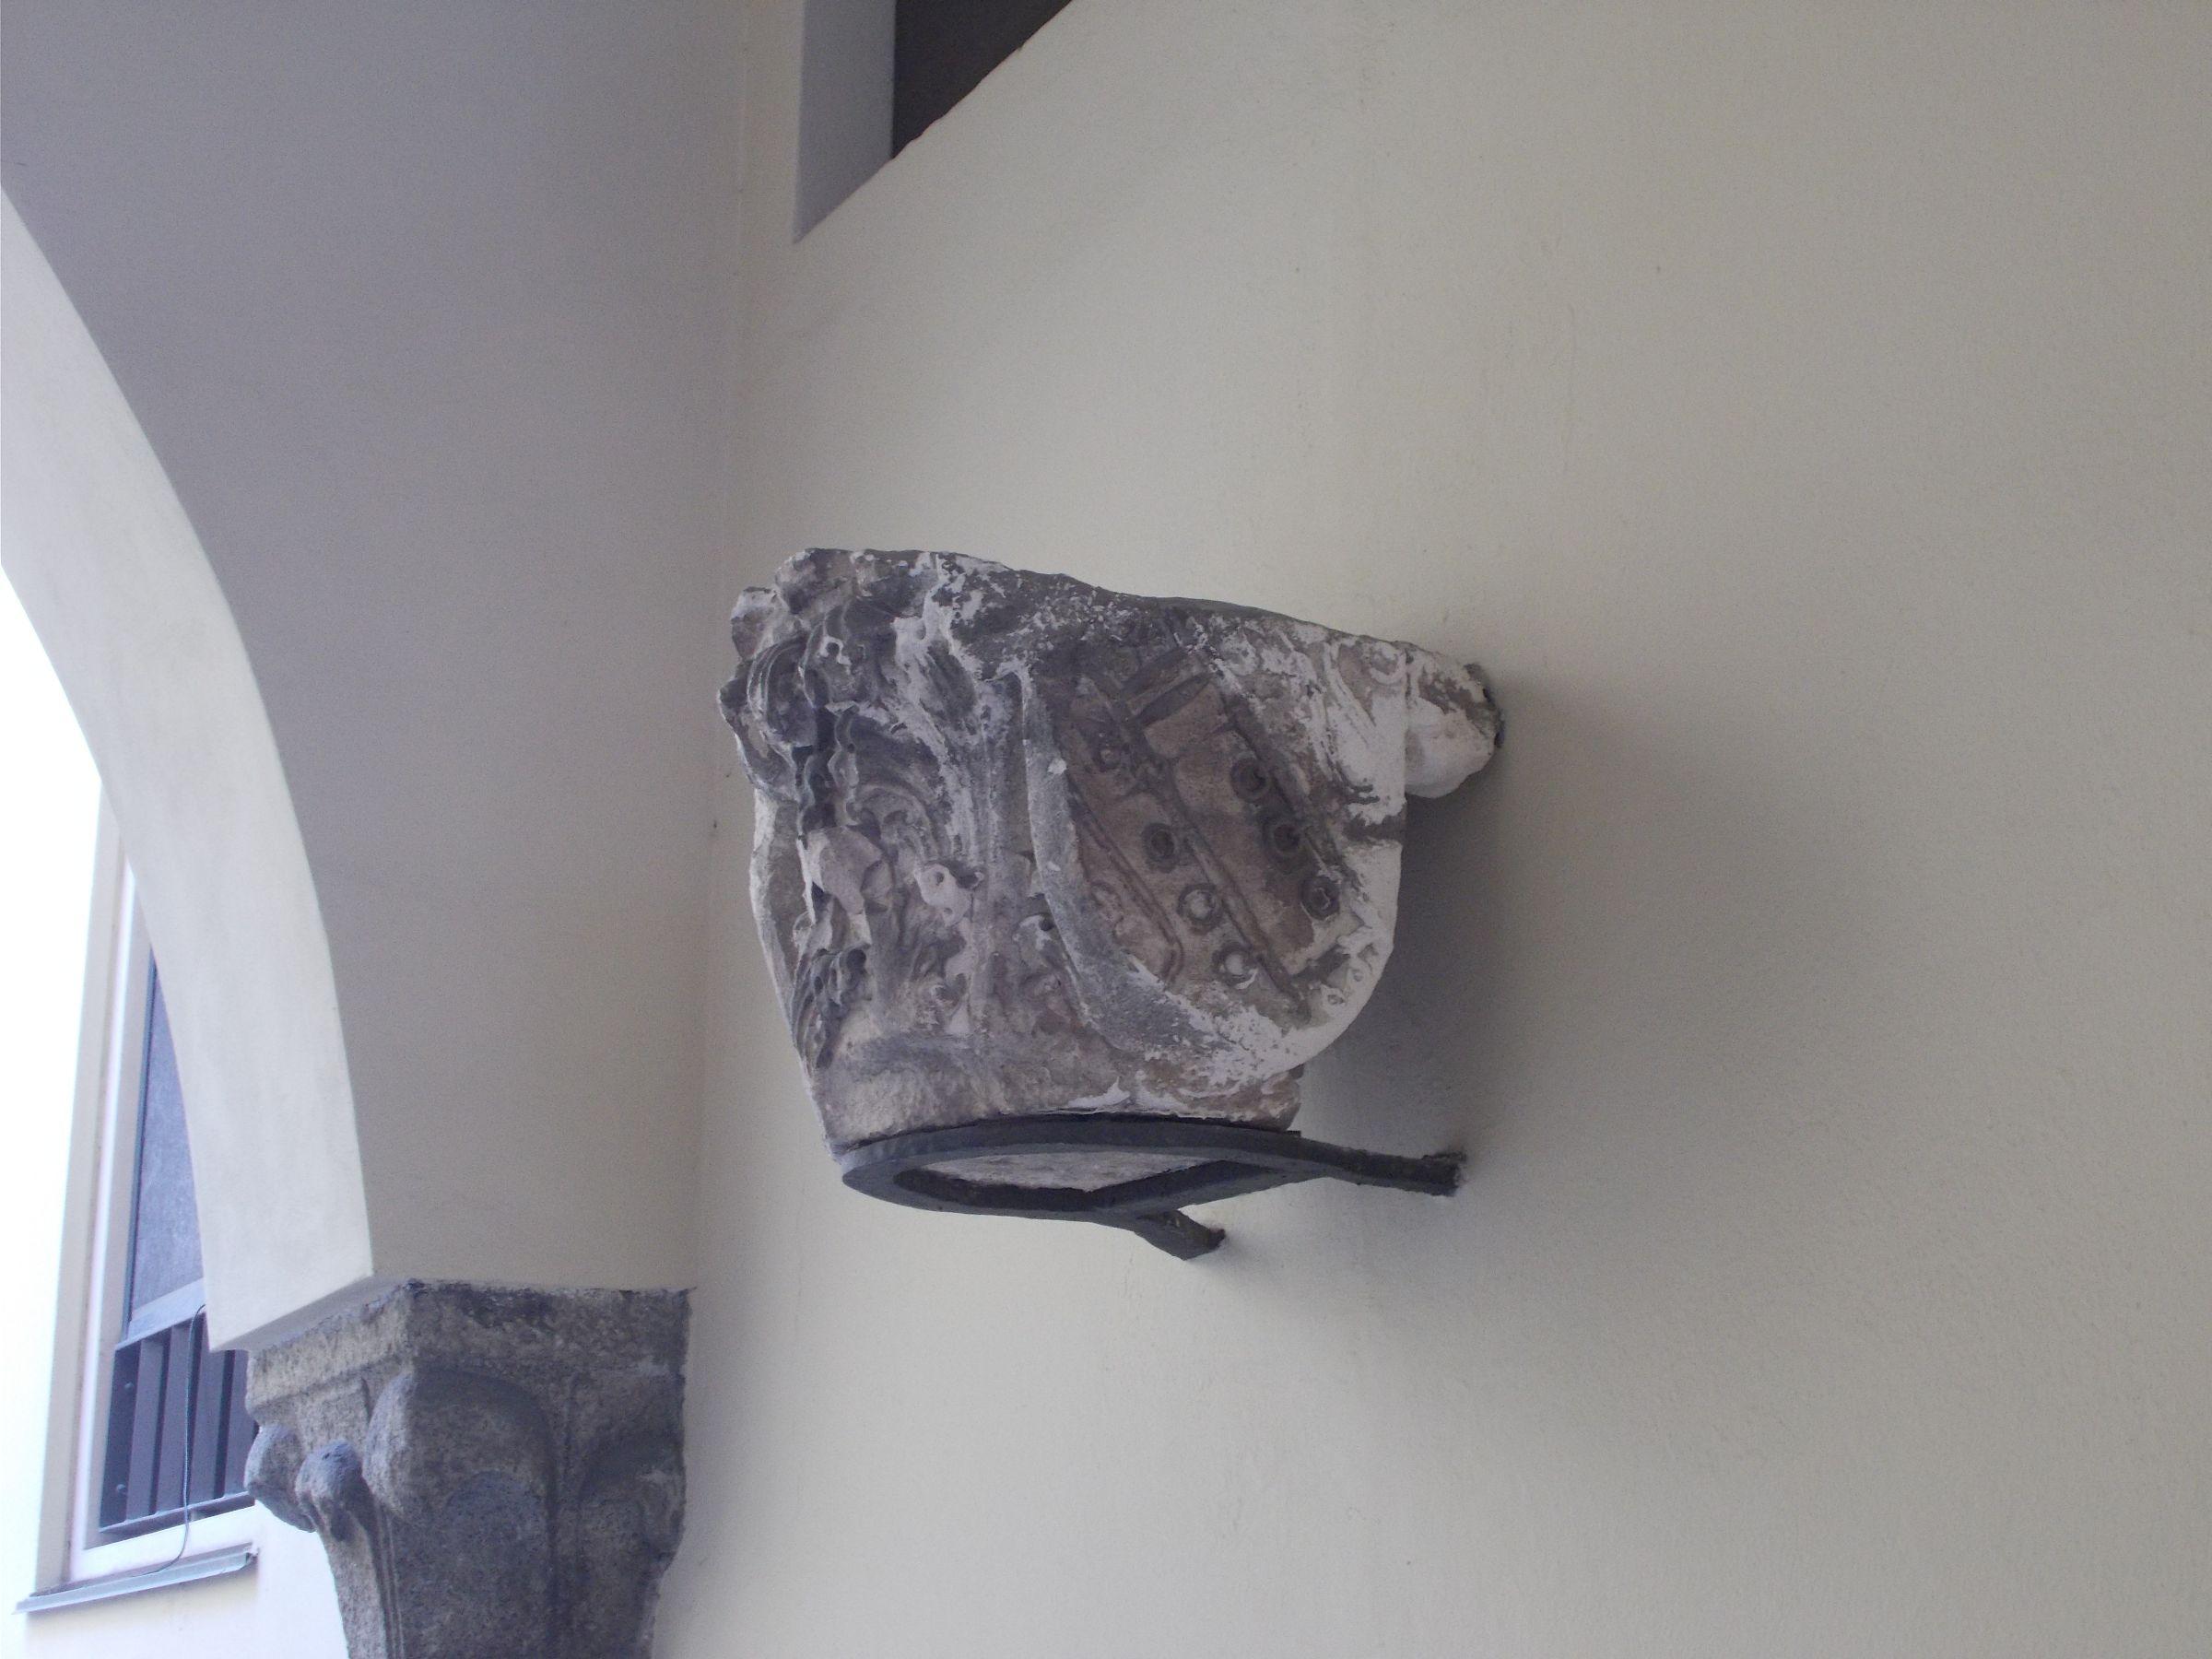 Morso (Borromeo) - Palazzo Borromeo, piazza Borromeo 12, Milano. Capitello di un portico oggi demolito, attualmente collocato nell'androne.